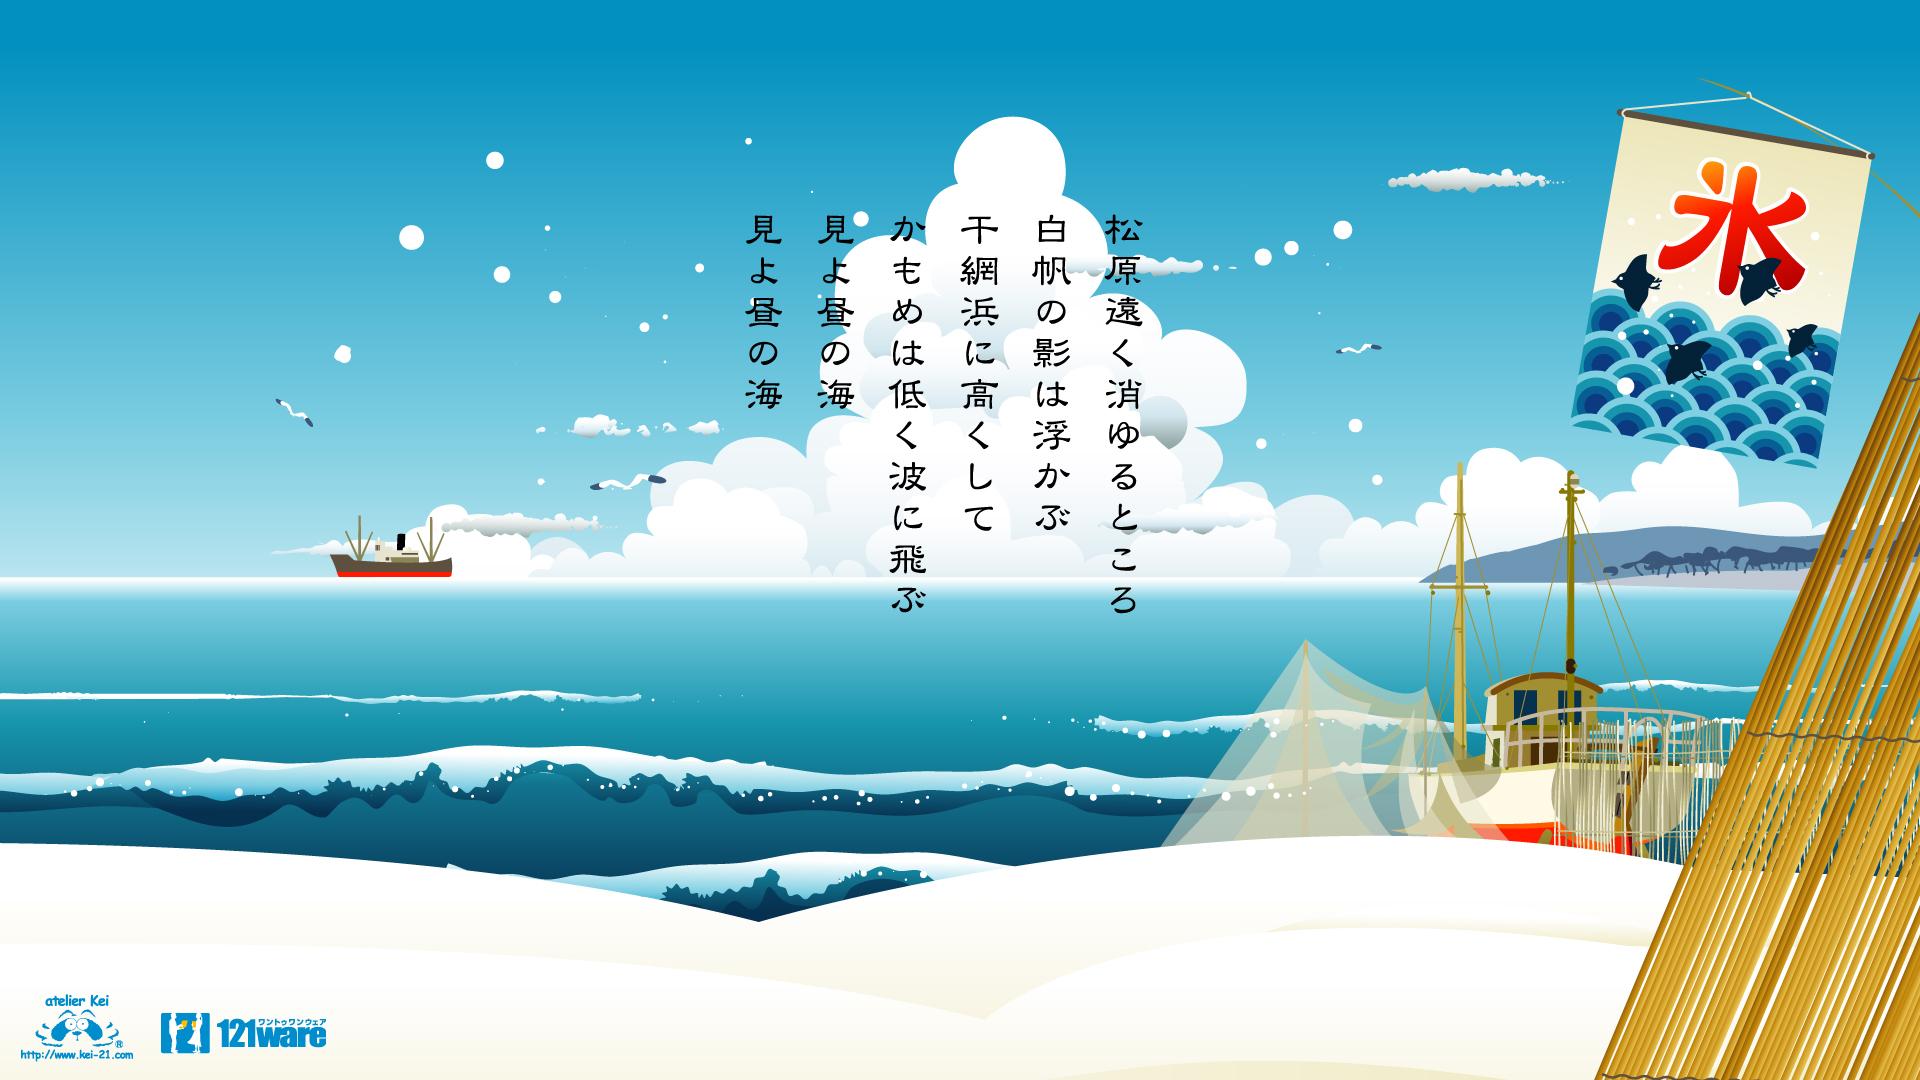 Nec Lavie公式サイト 活用情報 夏の壁紙プレゼント